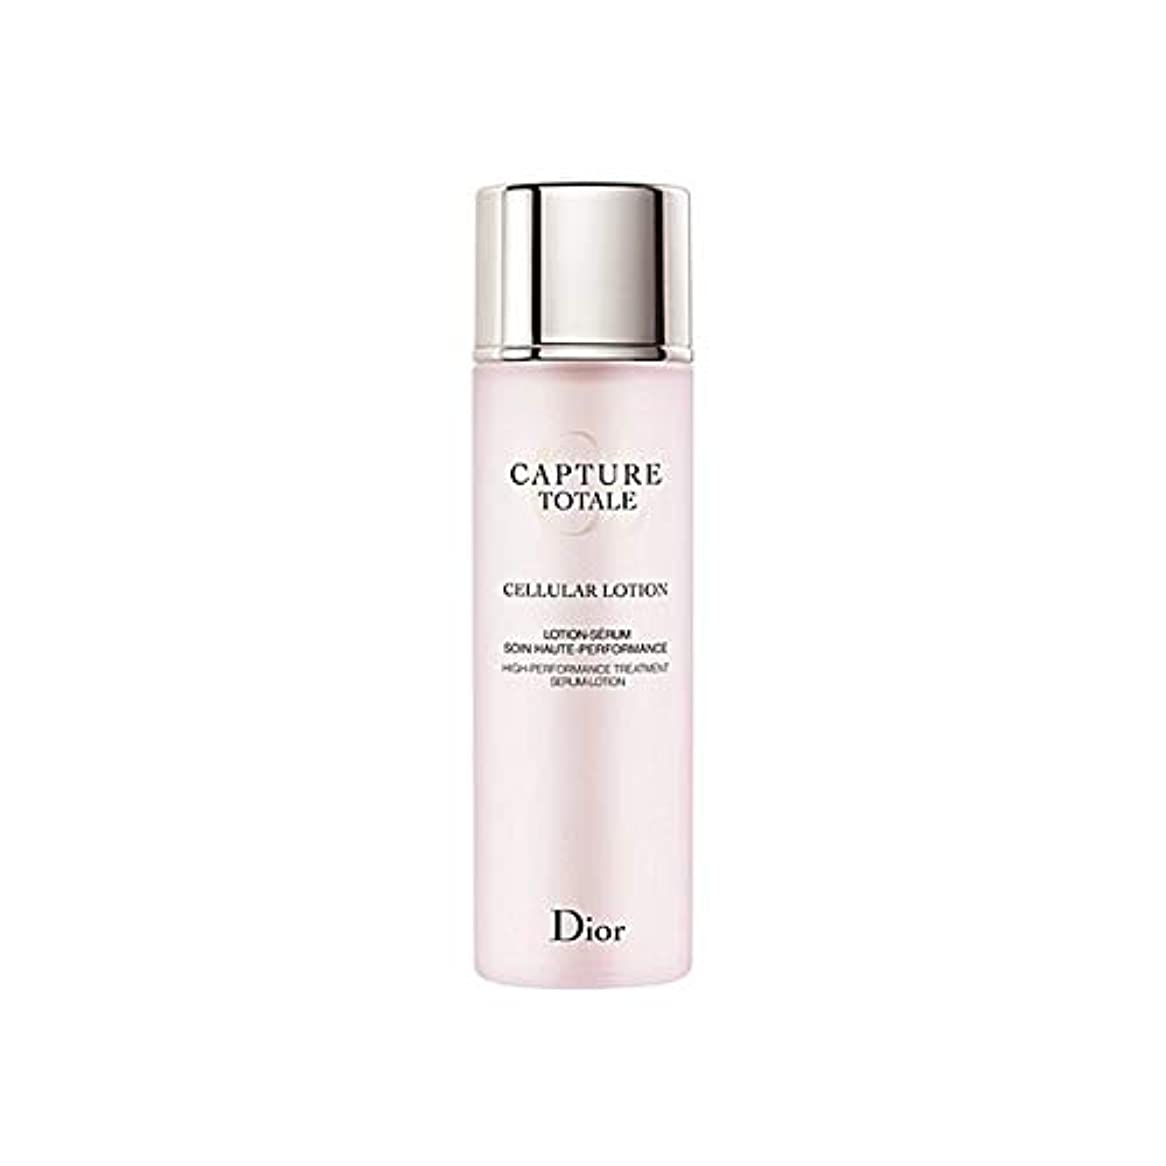 教室スティーブンソン要求する[Dior] ディオールキャプチャカプチュールトータルセルラーローション - Dior Capture Totale Cellular Lotion [並行輸入品]